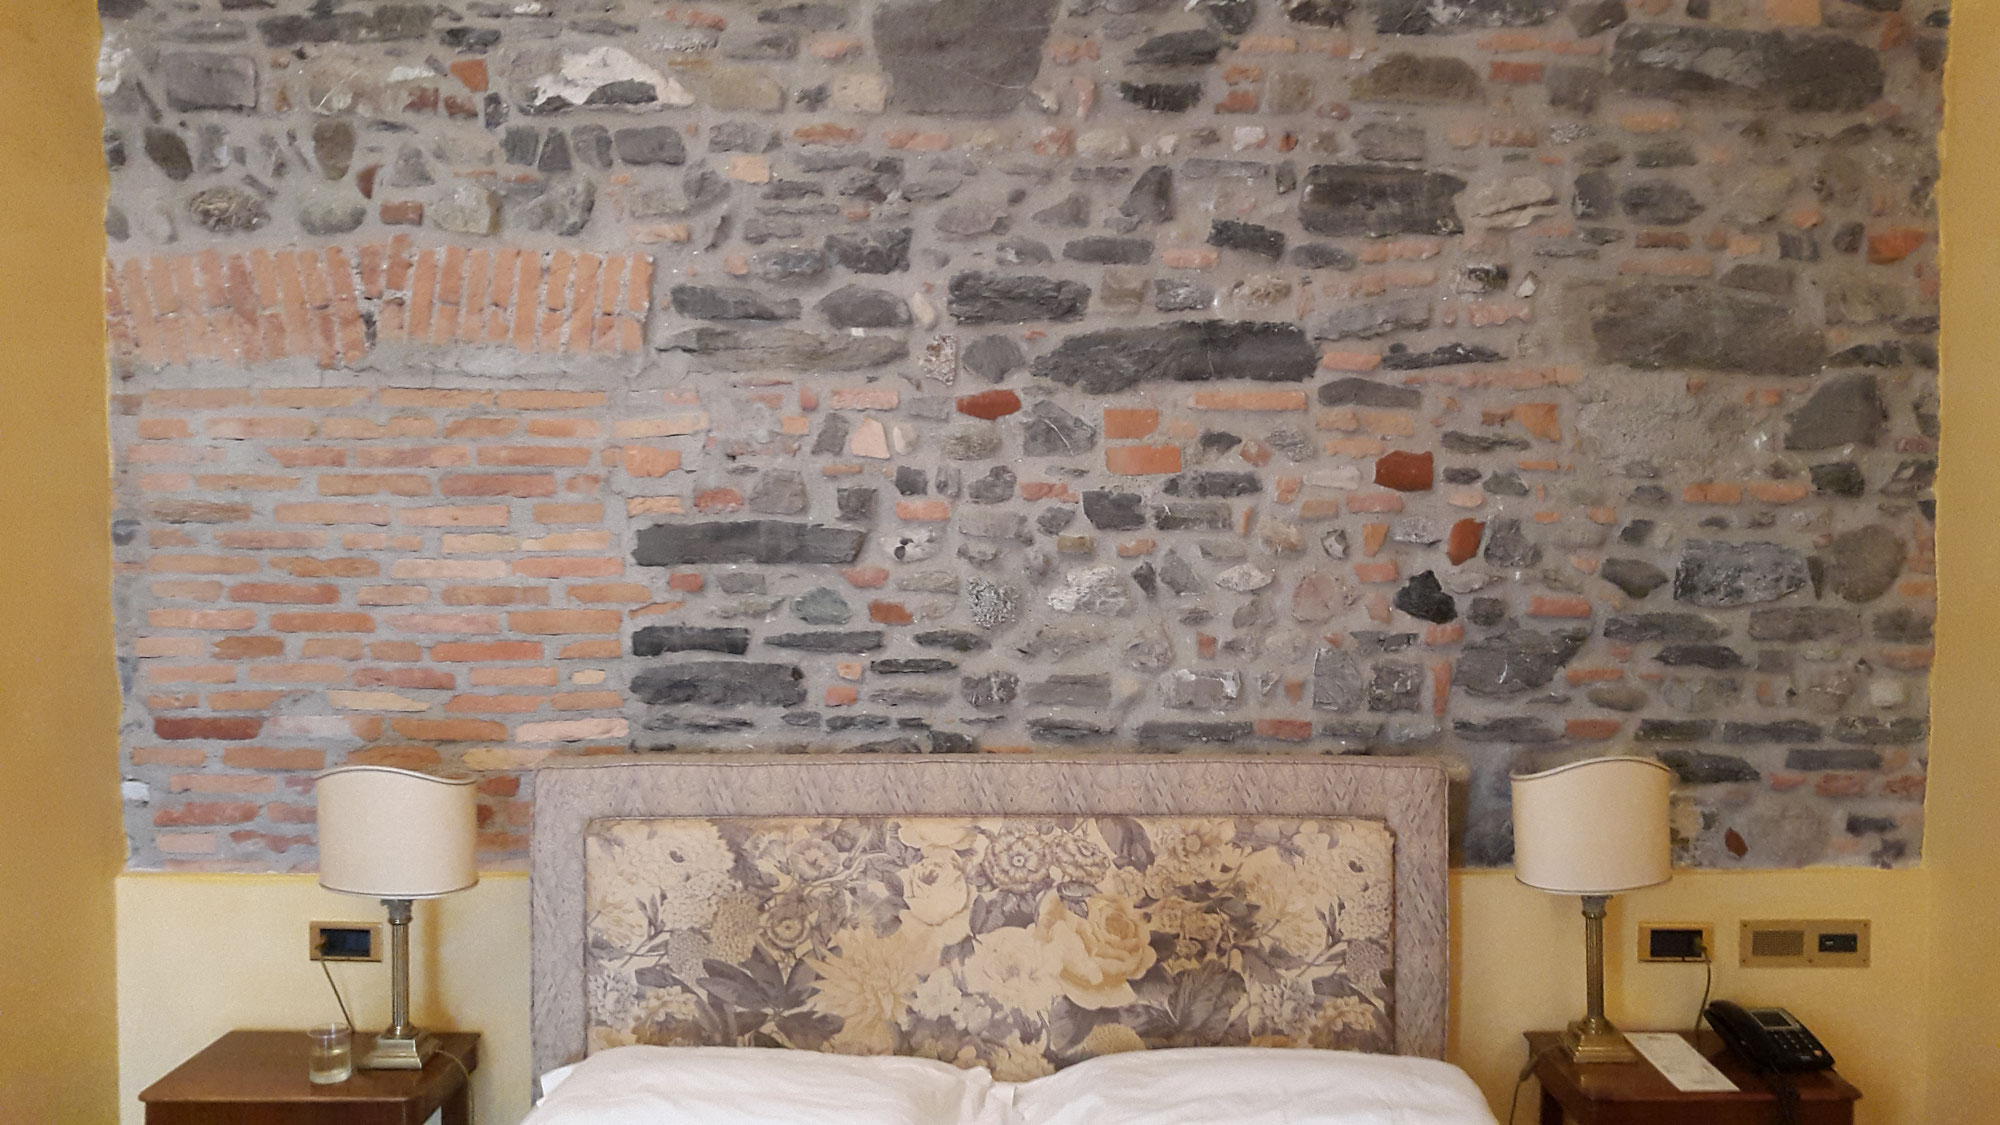 steinwand rustikal kunststeinwand also steinwand mit steinwandbeleuchtung zum verlieben. Black Bedroom Furniture Sets. Home Design Ideas